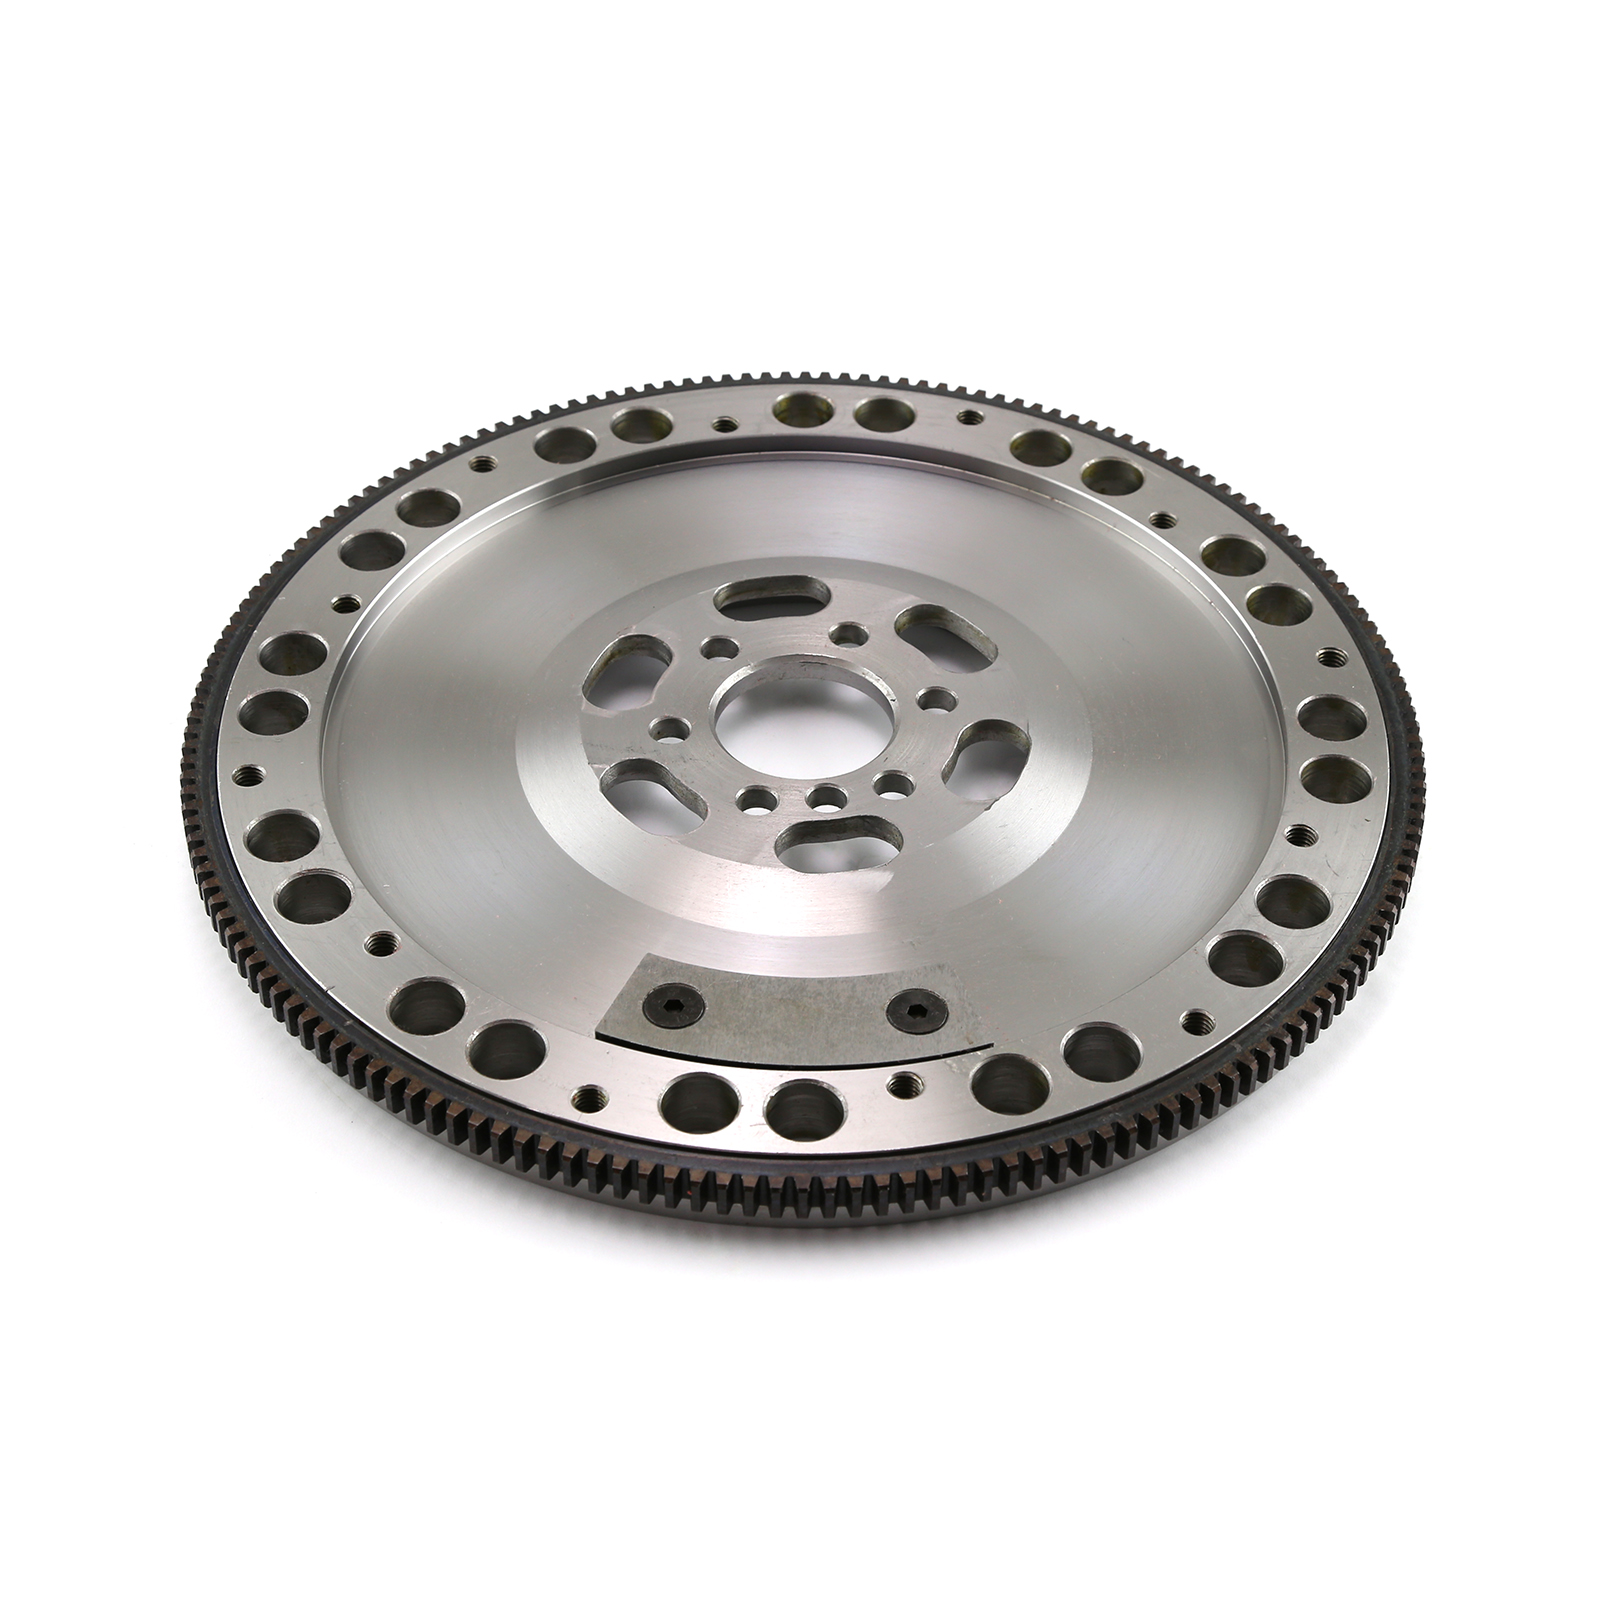 """Chevy LS1 LS2 LS3 LS6 LS7 L76 168 Tooth 11"""" ExtraLight Billet Steel SFI Flywheel"""